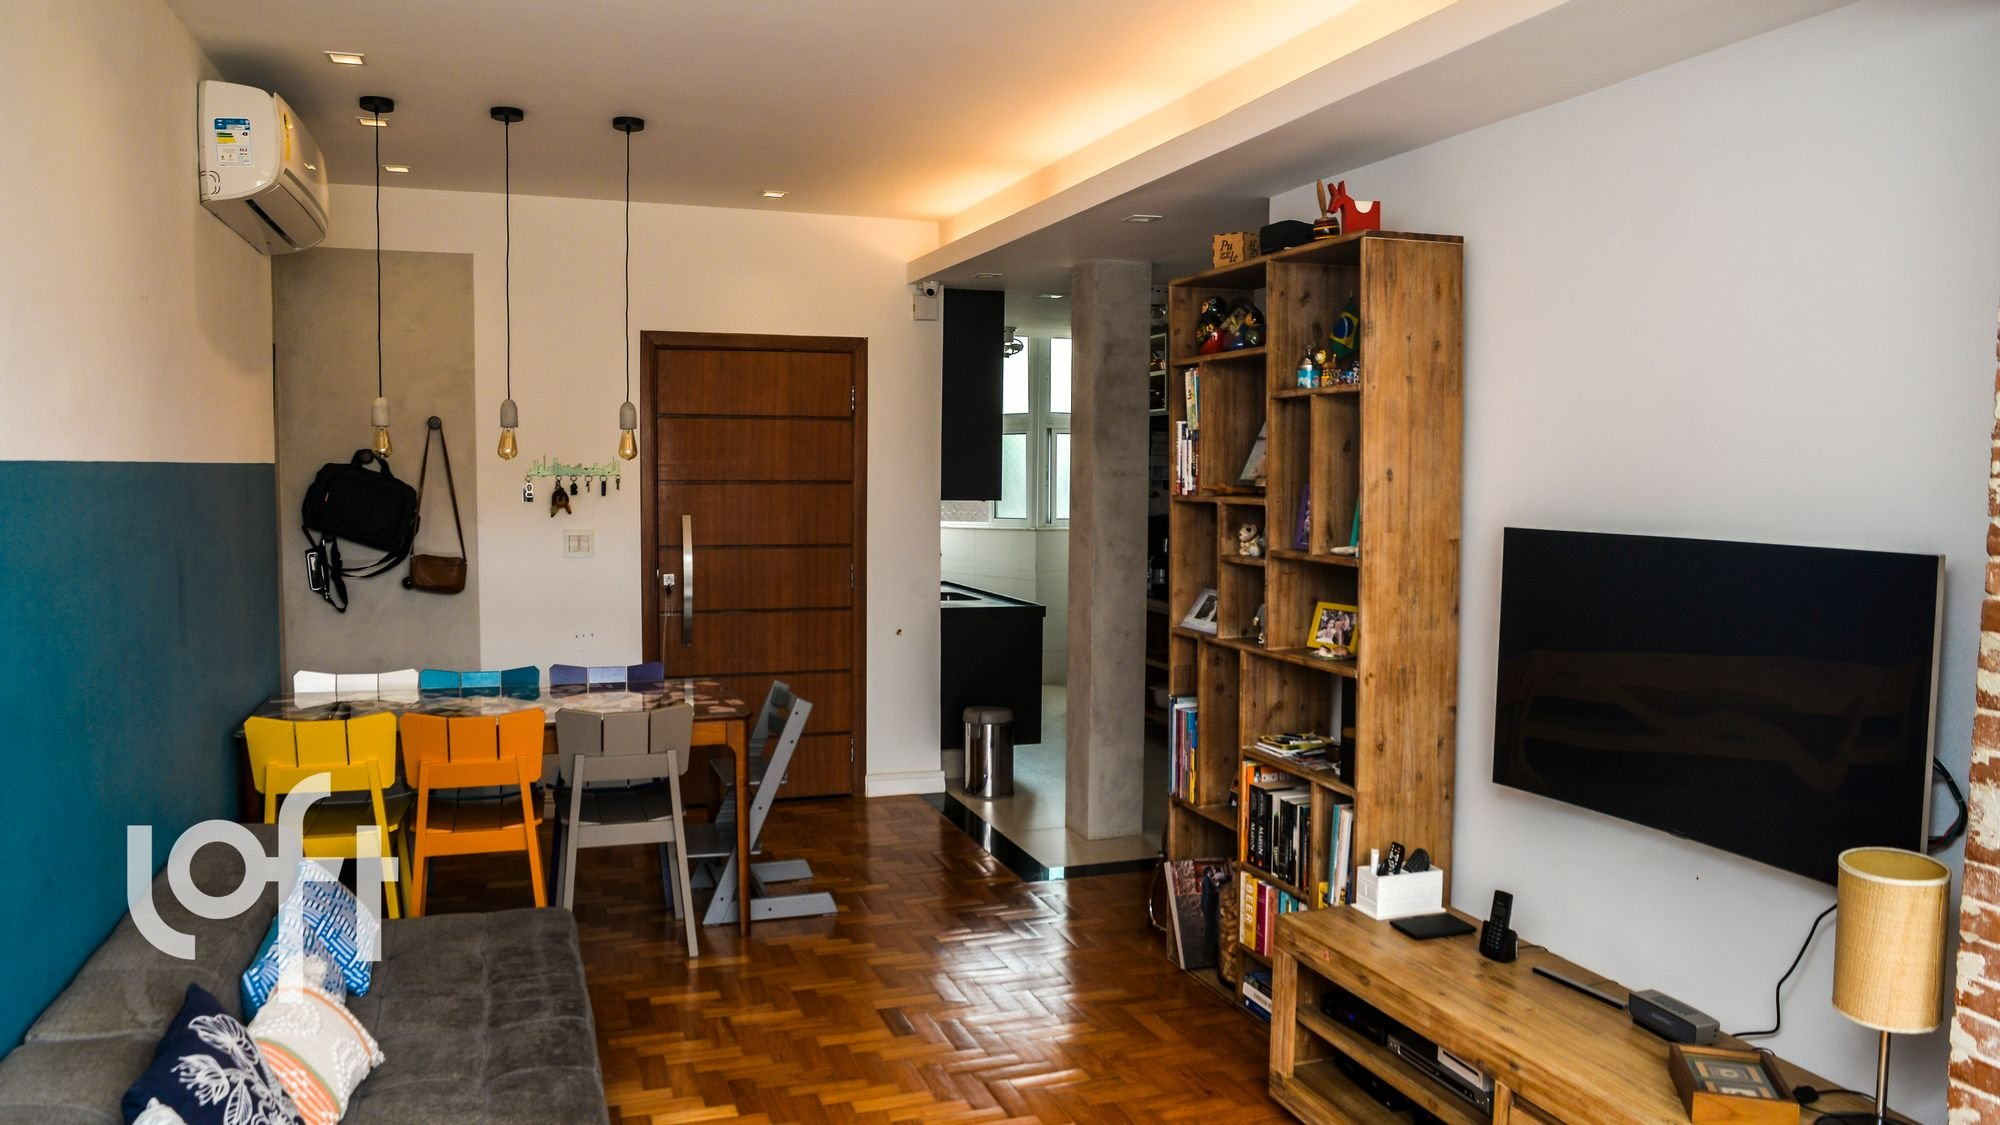 Foto de Sala com televisão, cadeira, mesa de jantar, livro